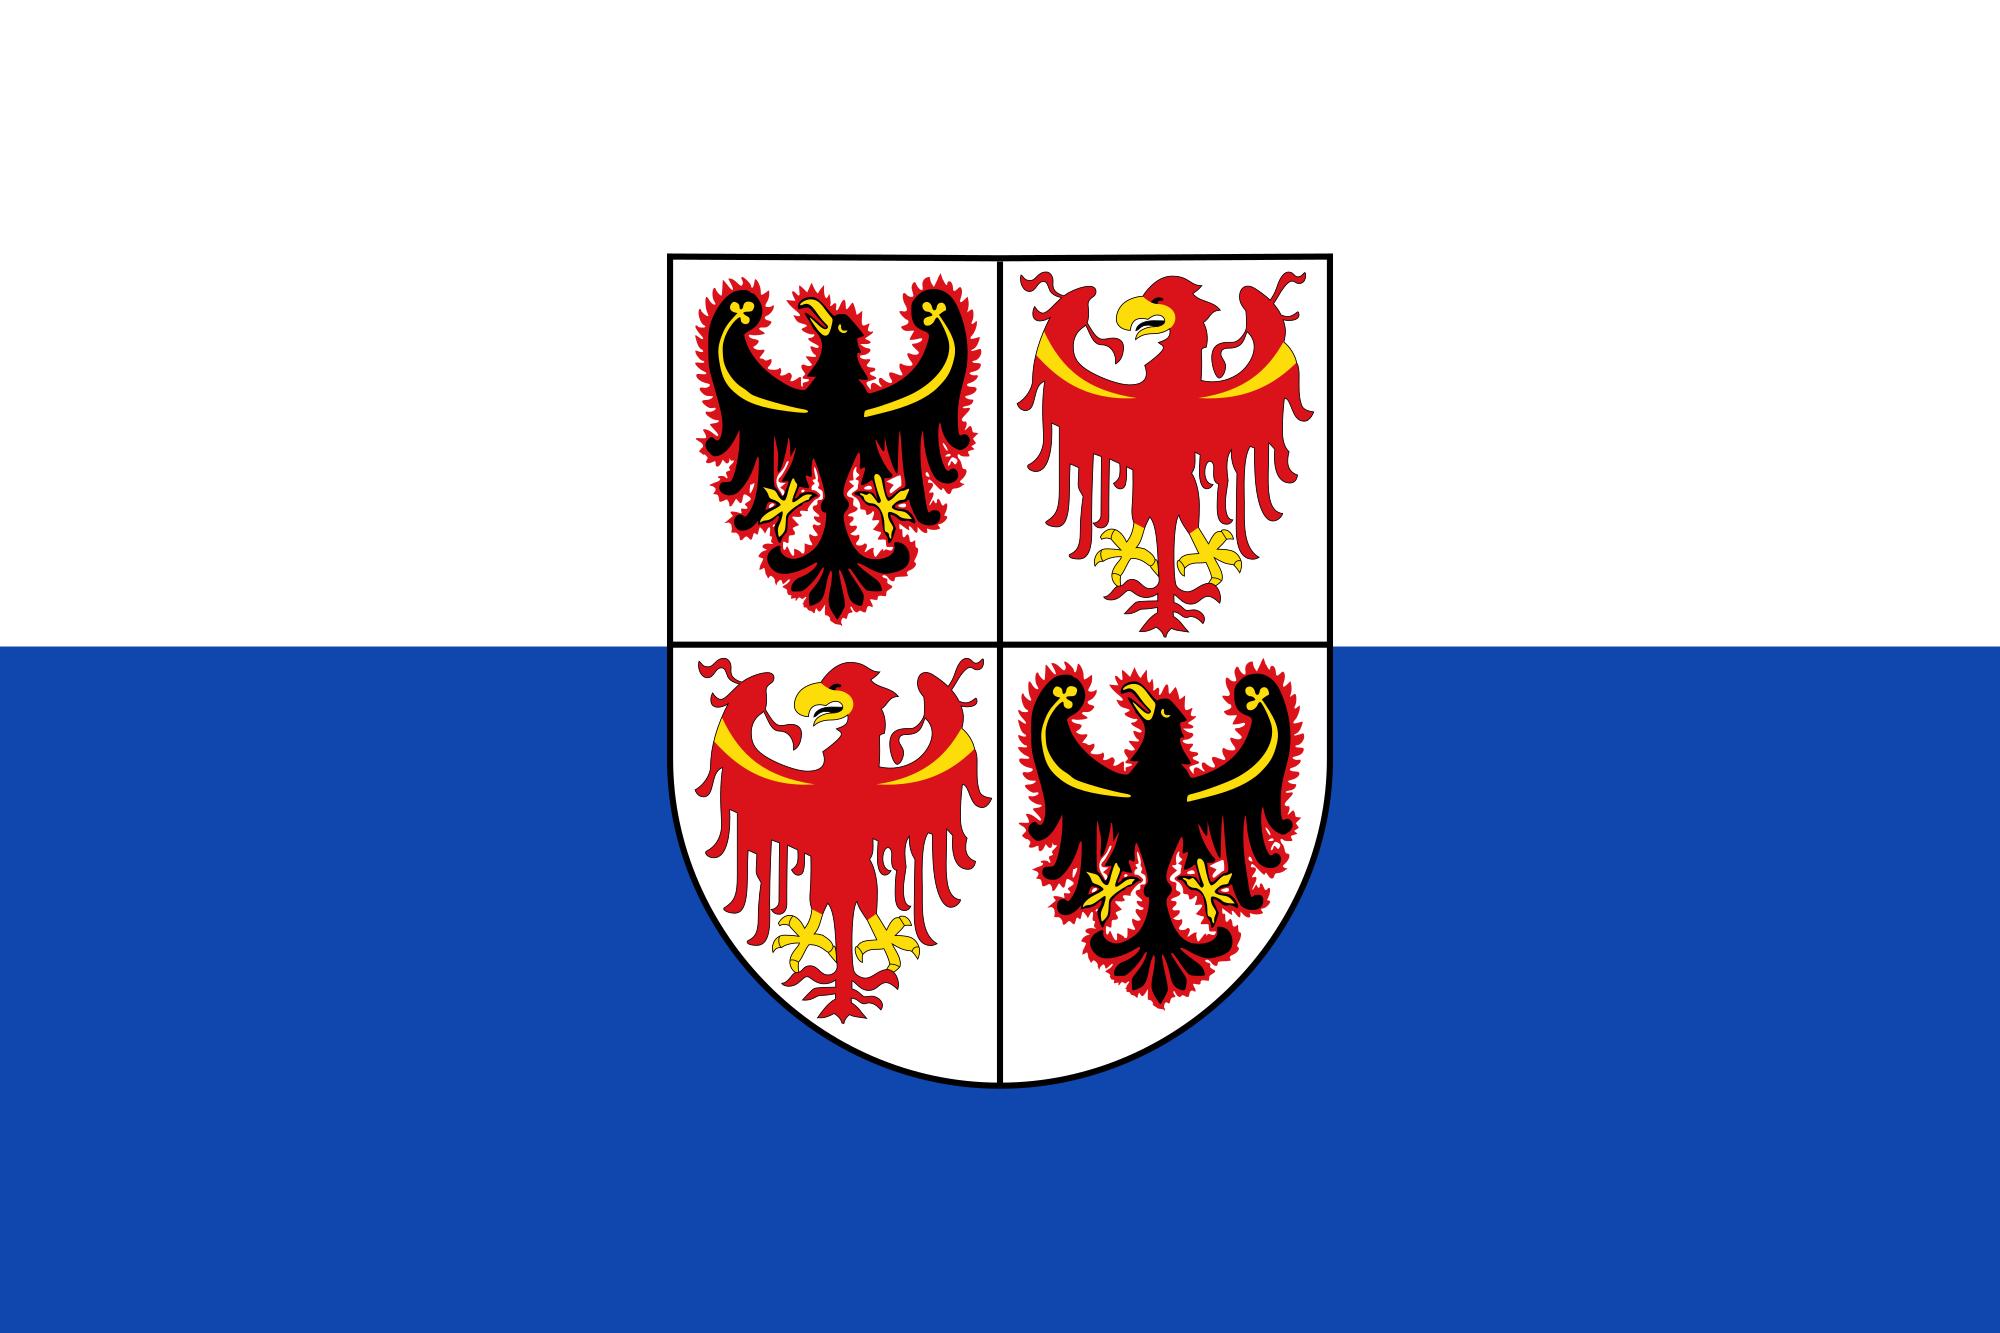 Bandiera del Trentino Alto Adige (wikipedia.org)